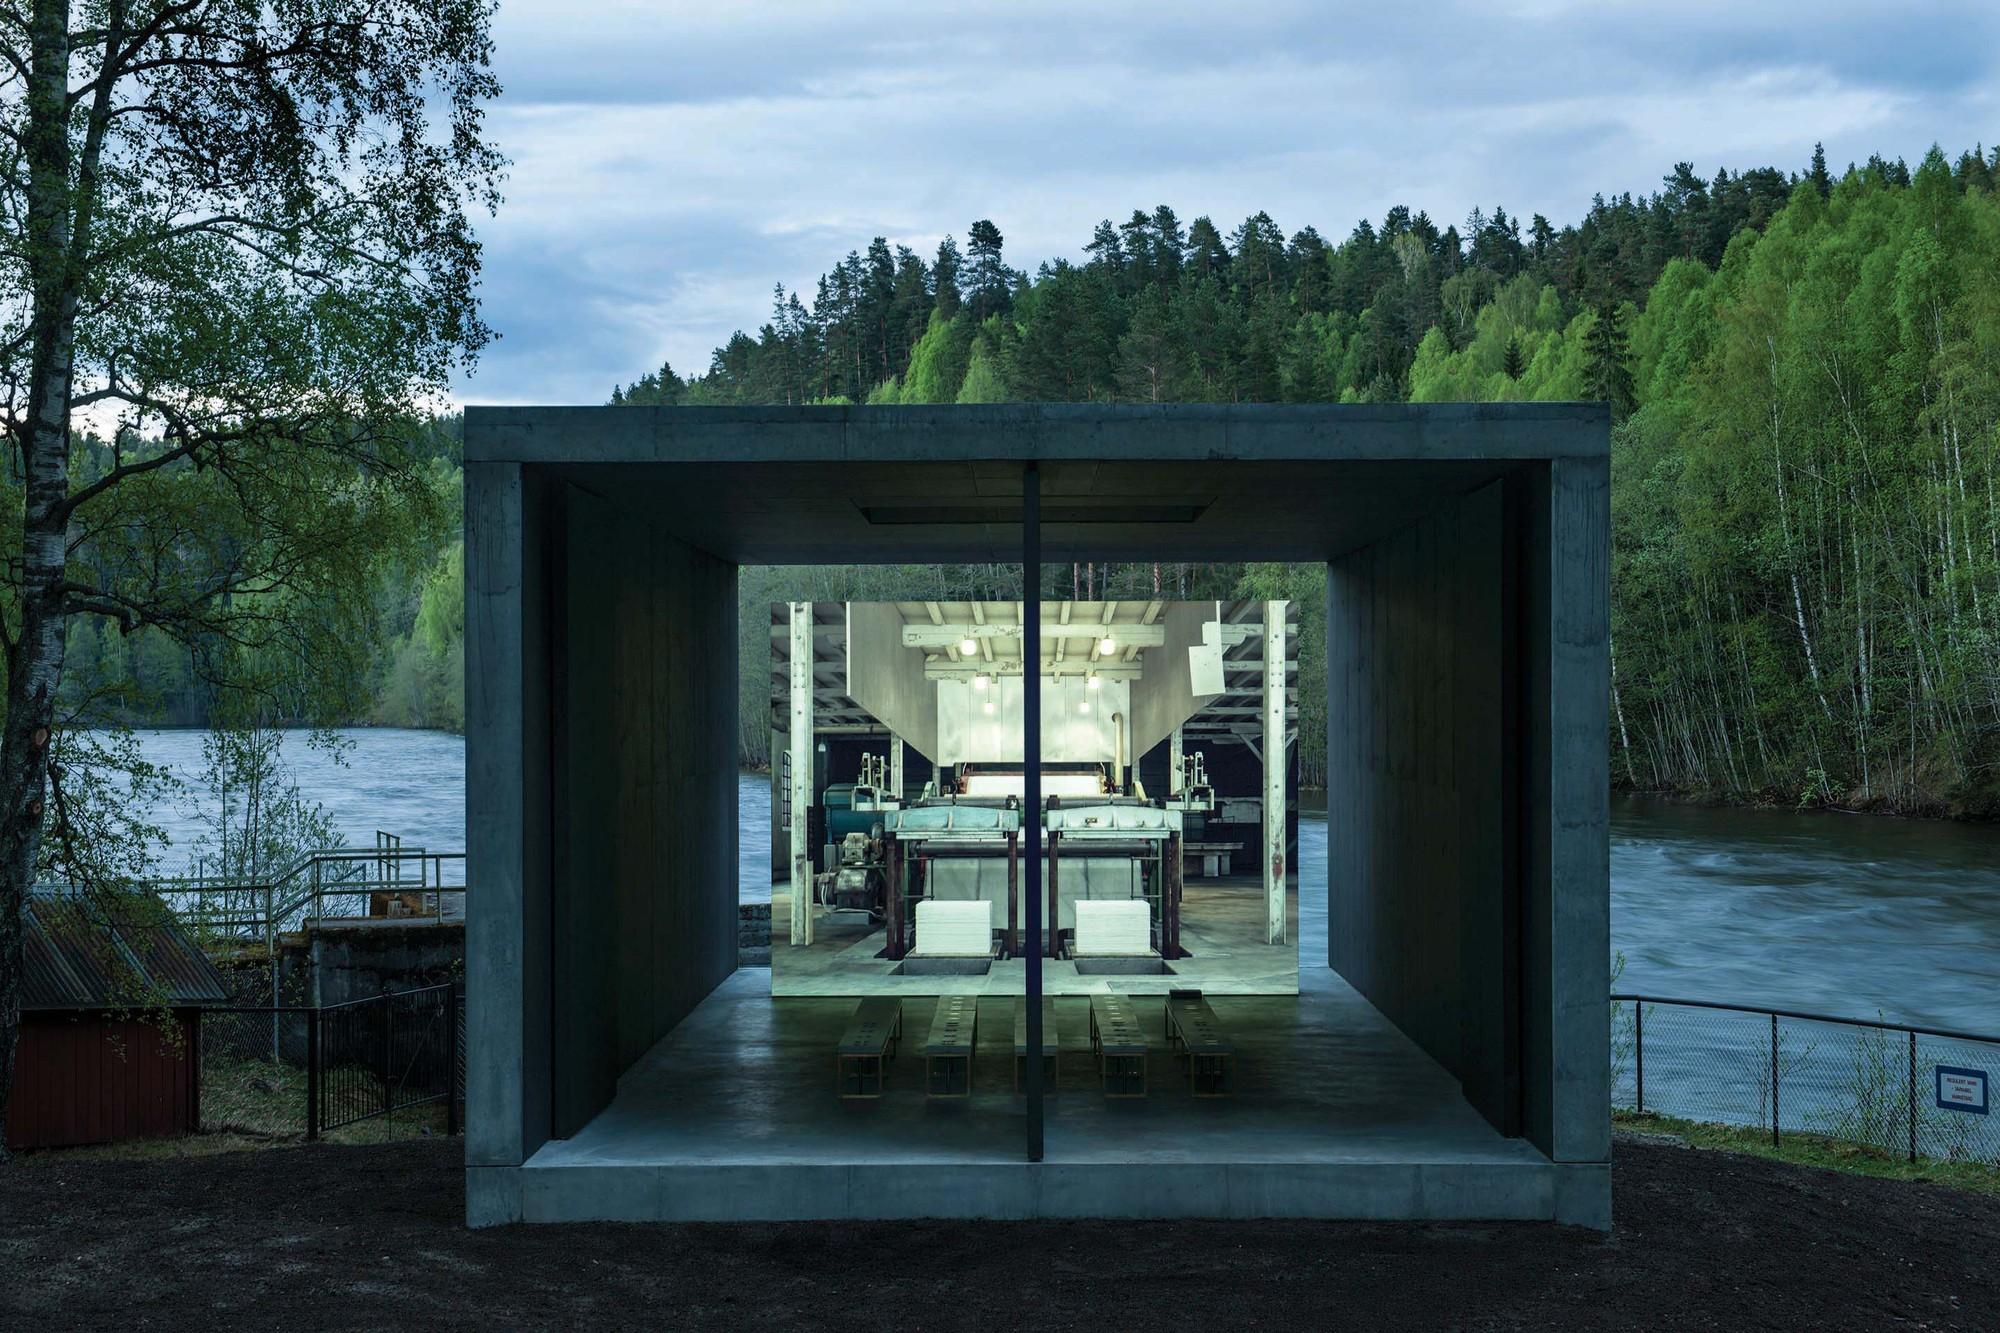 Pulp Press at Kistefos / A2 Architects, © Jiru Havran